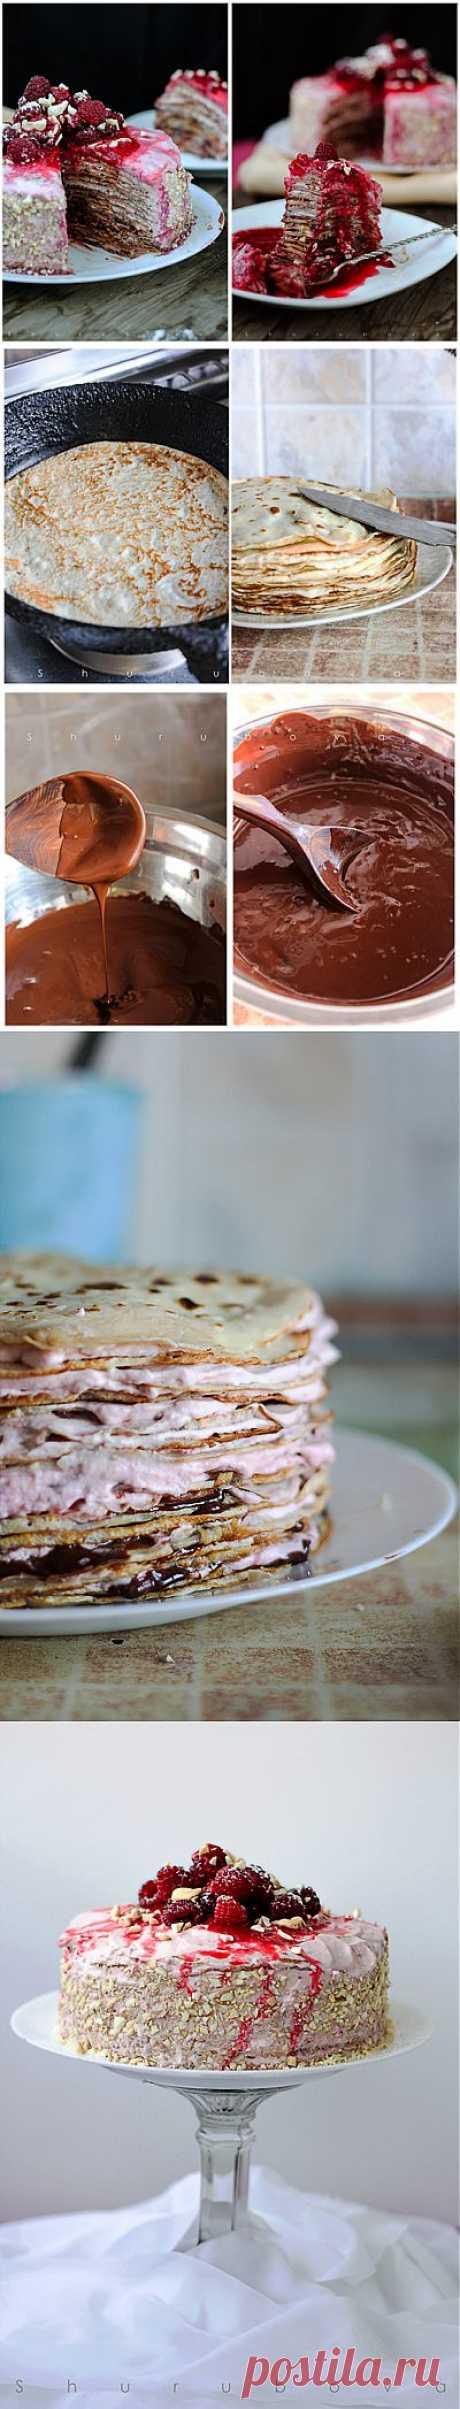 Малиново-шоколадный блинный торт с кешью.